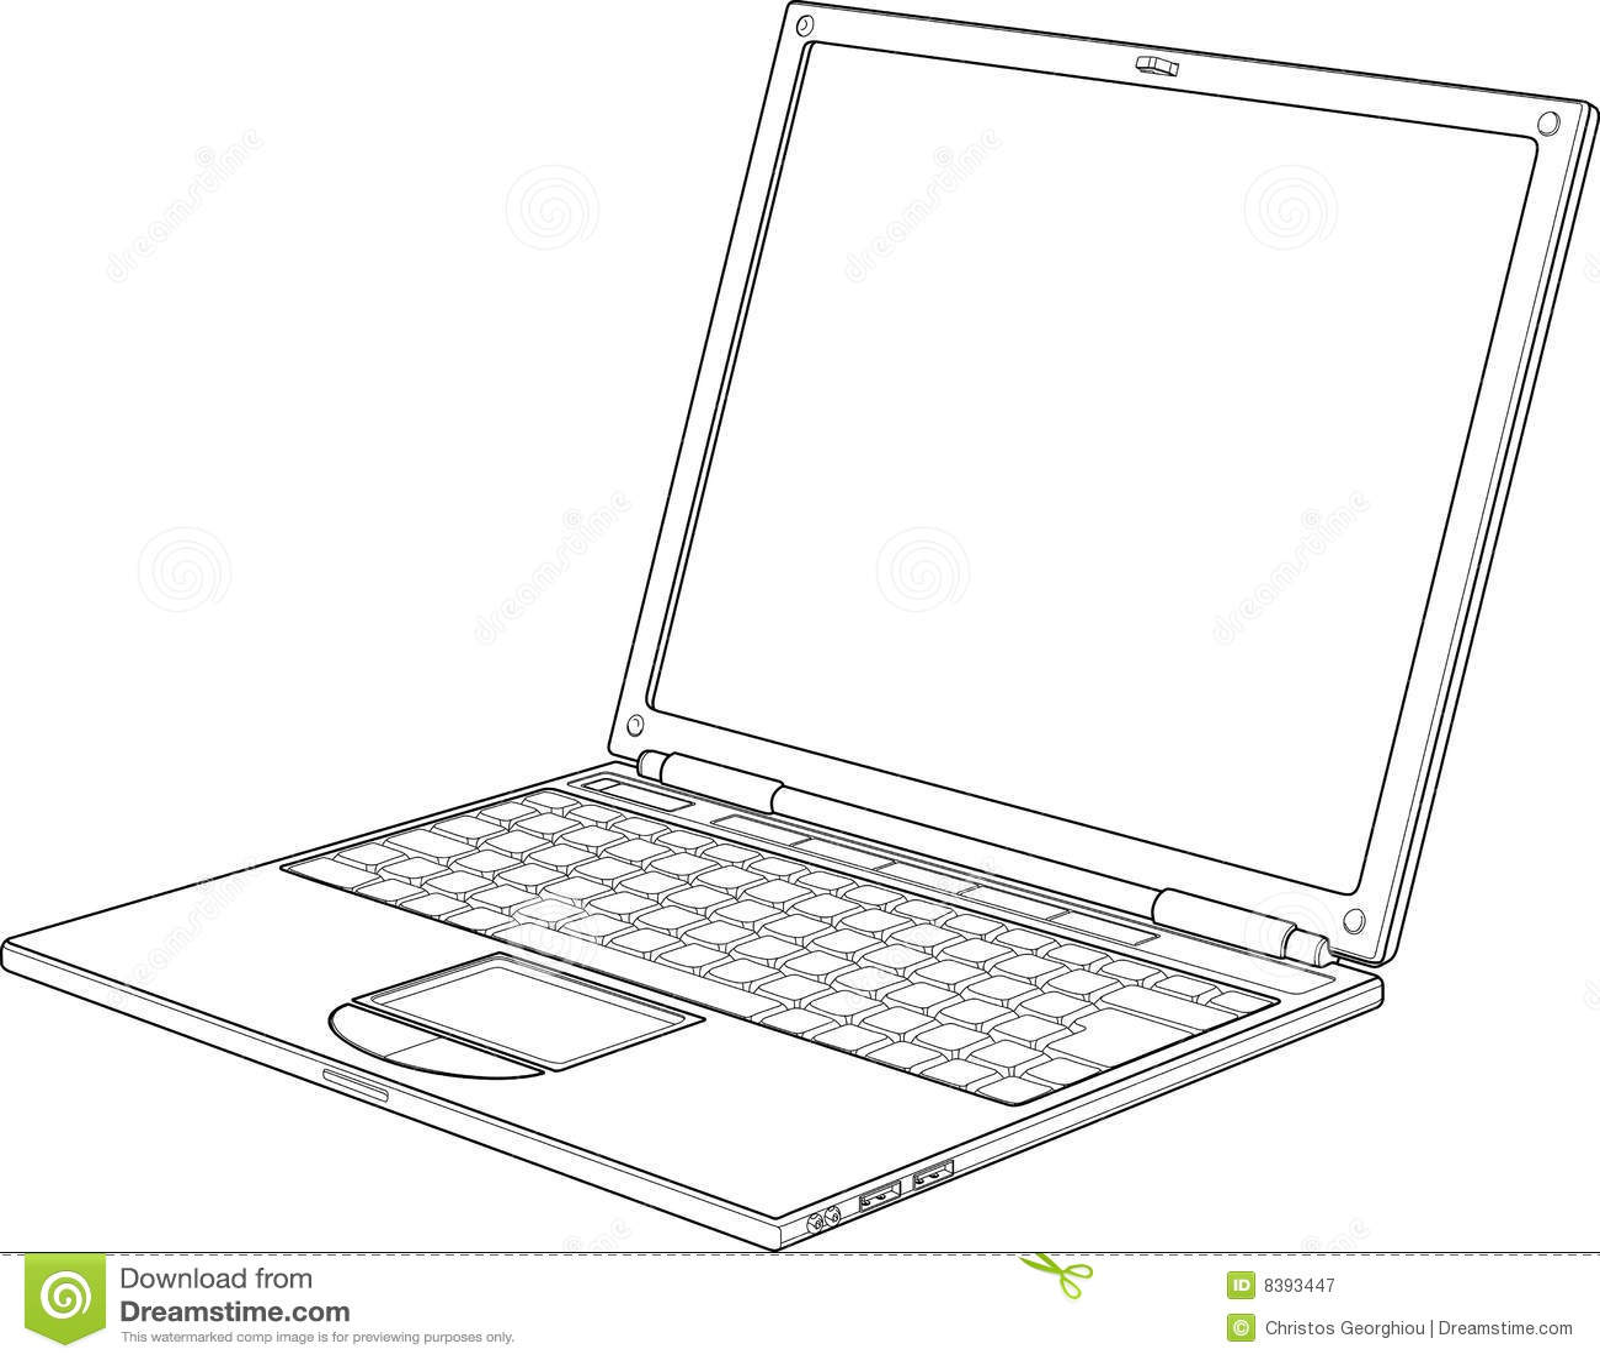 ilustraci u00f3n del vector del esquema de la computadora